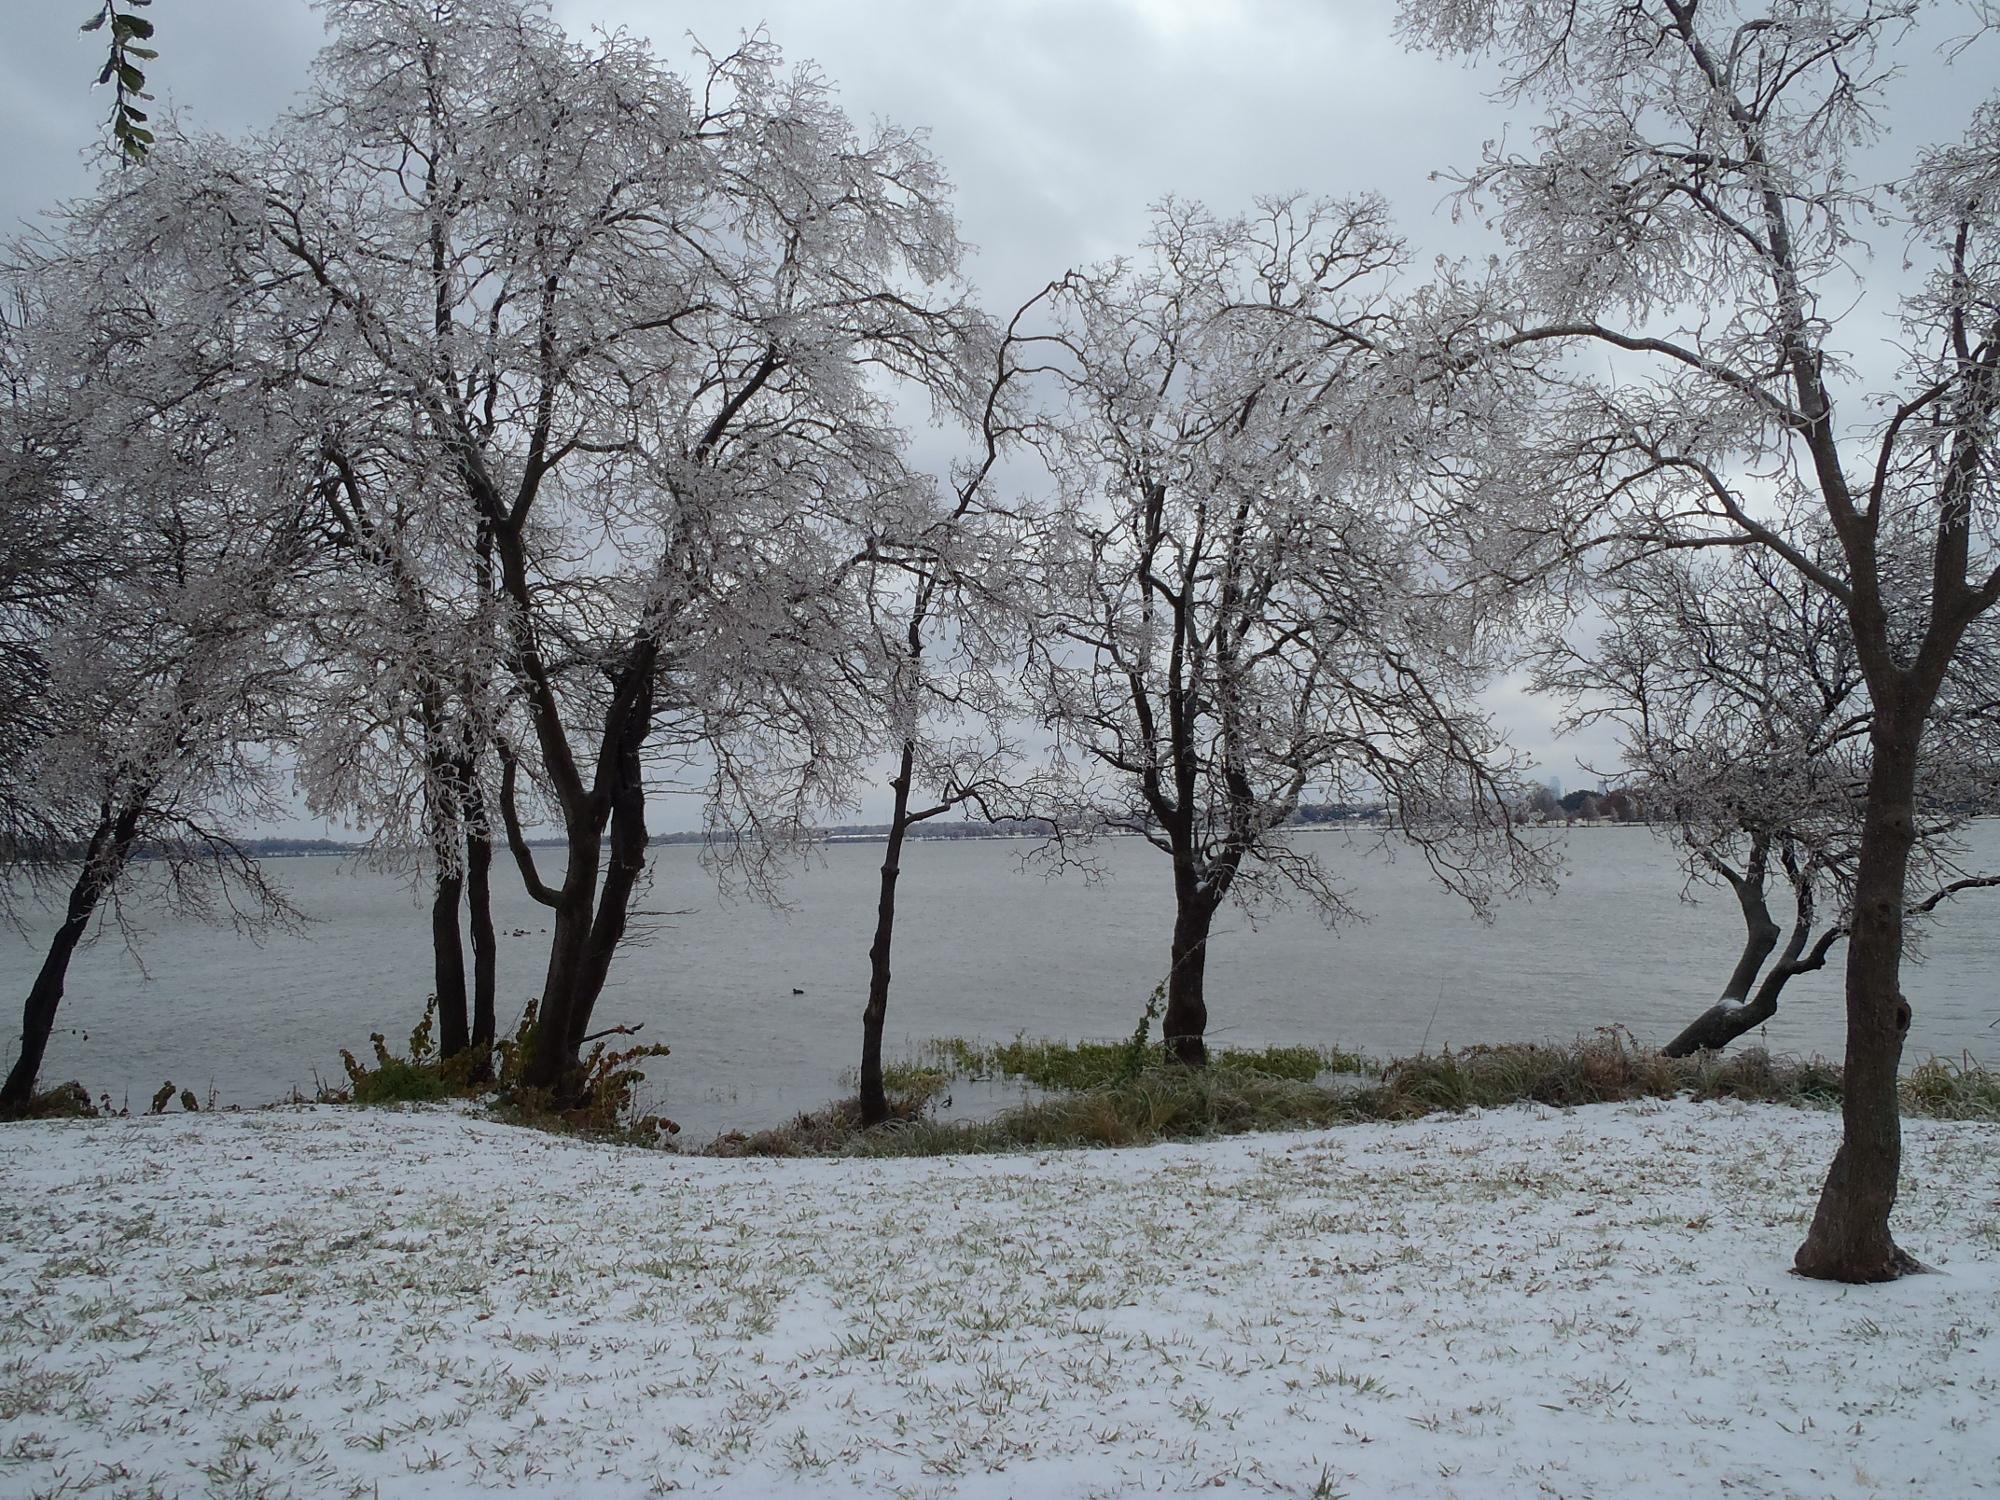 Winter Ice Storm Events - December, 2013 - DFW Area (Wellington: car